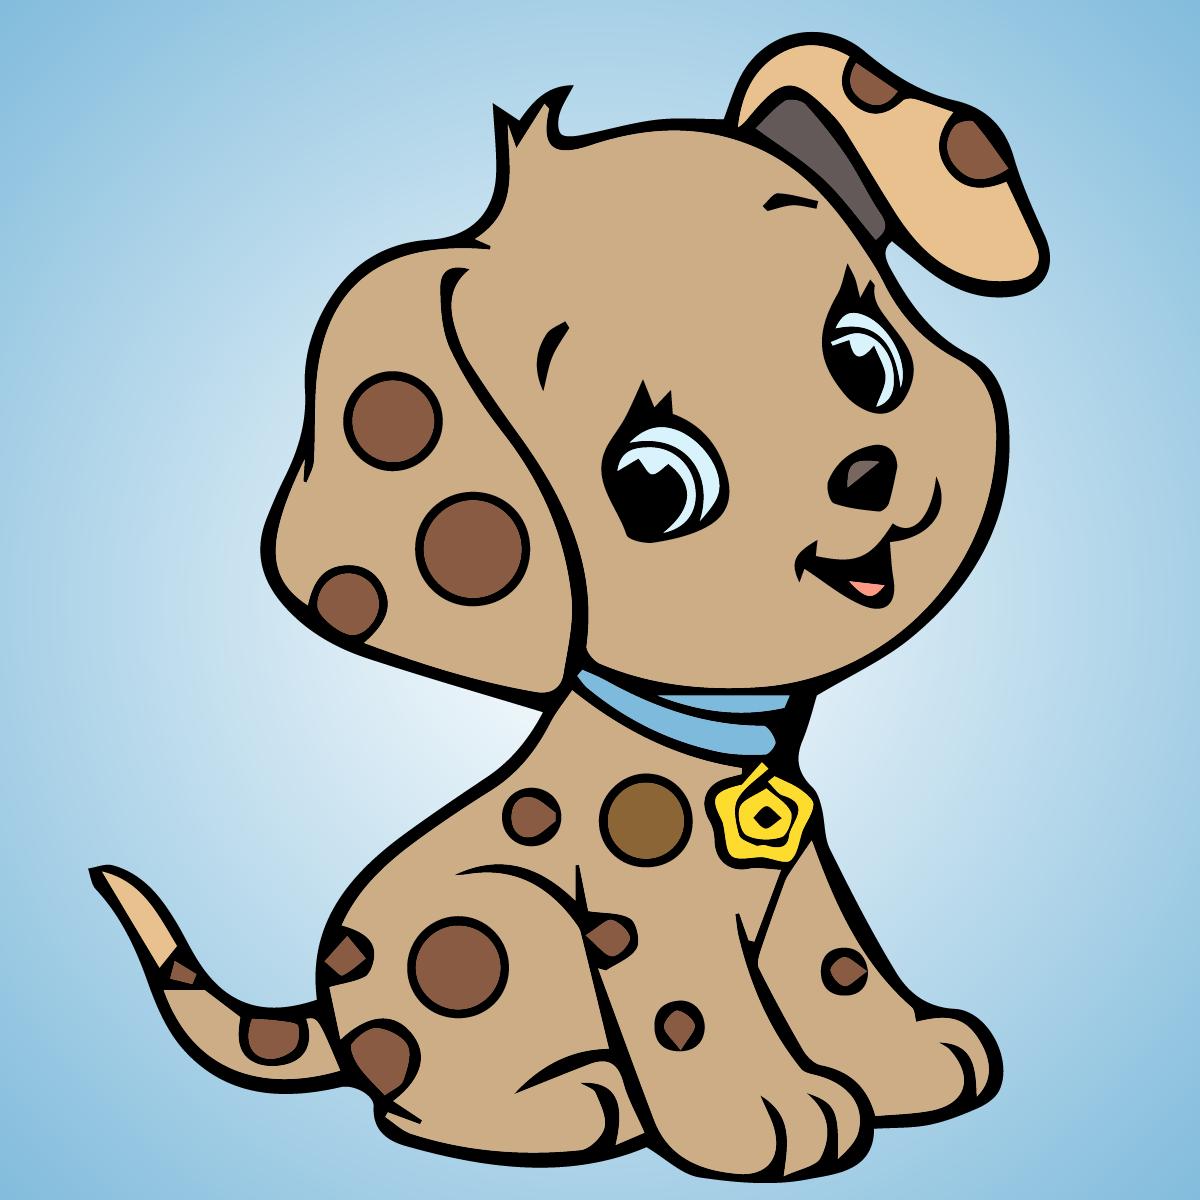 Cartoon puppy coloring page #cartoon #puppy #coloringpage | Cartoon ...